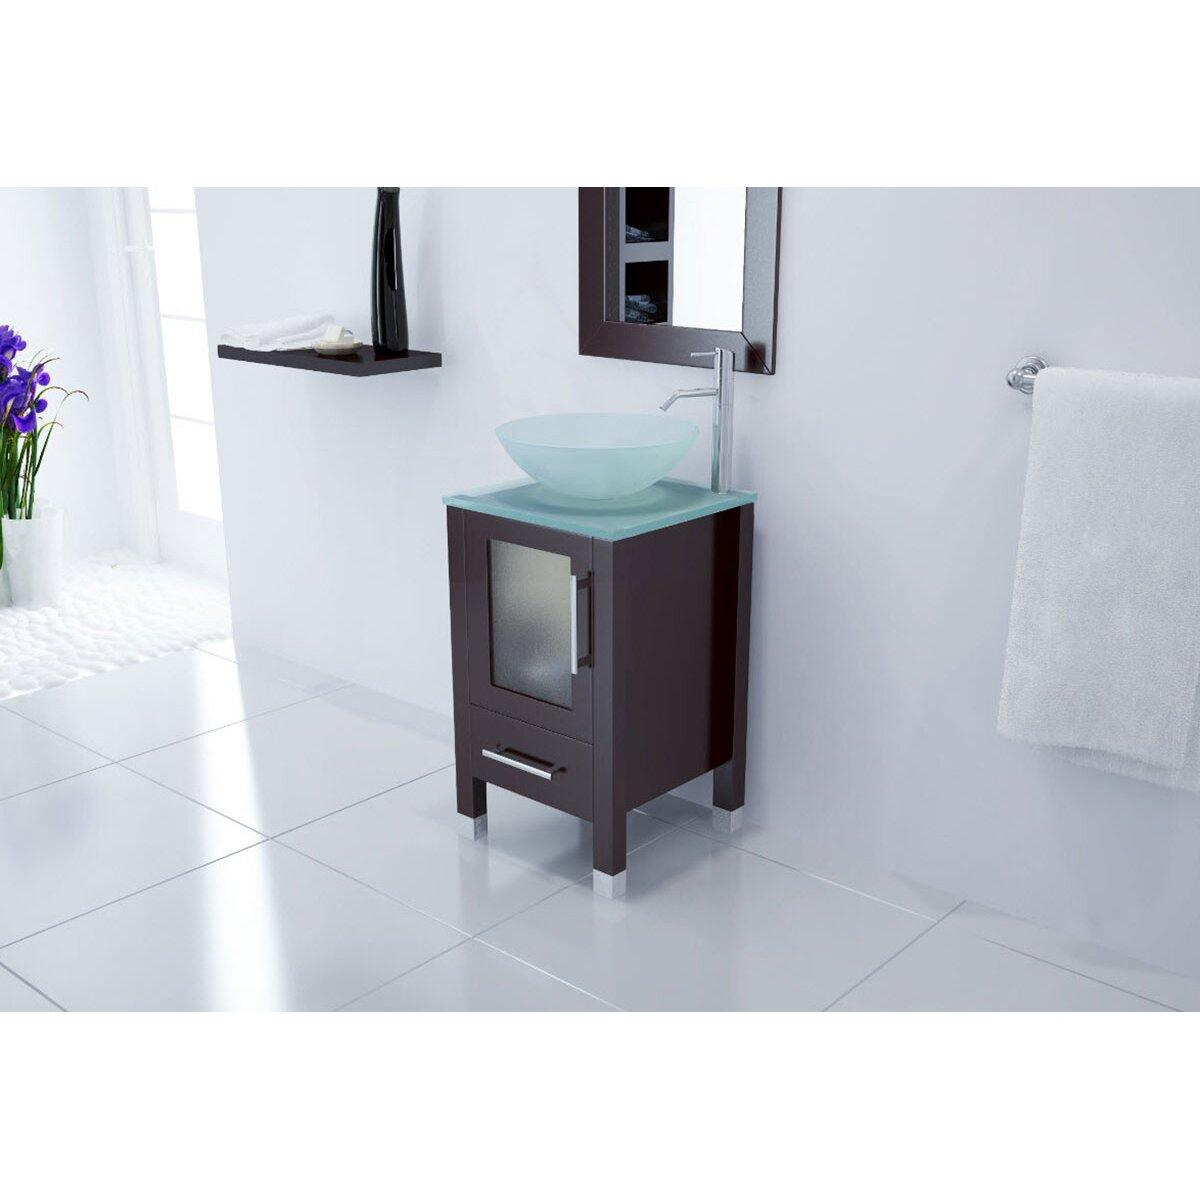 Jwh Living Soft Focus Single Bathroom Vanity Set Reviews Wayfair